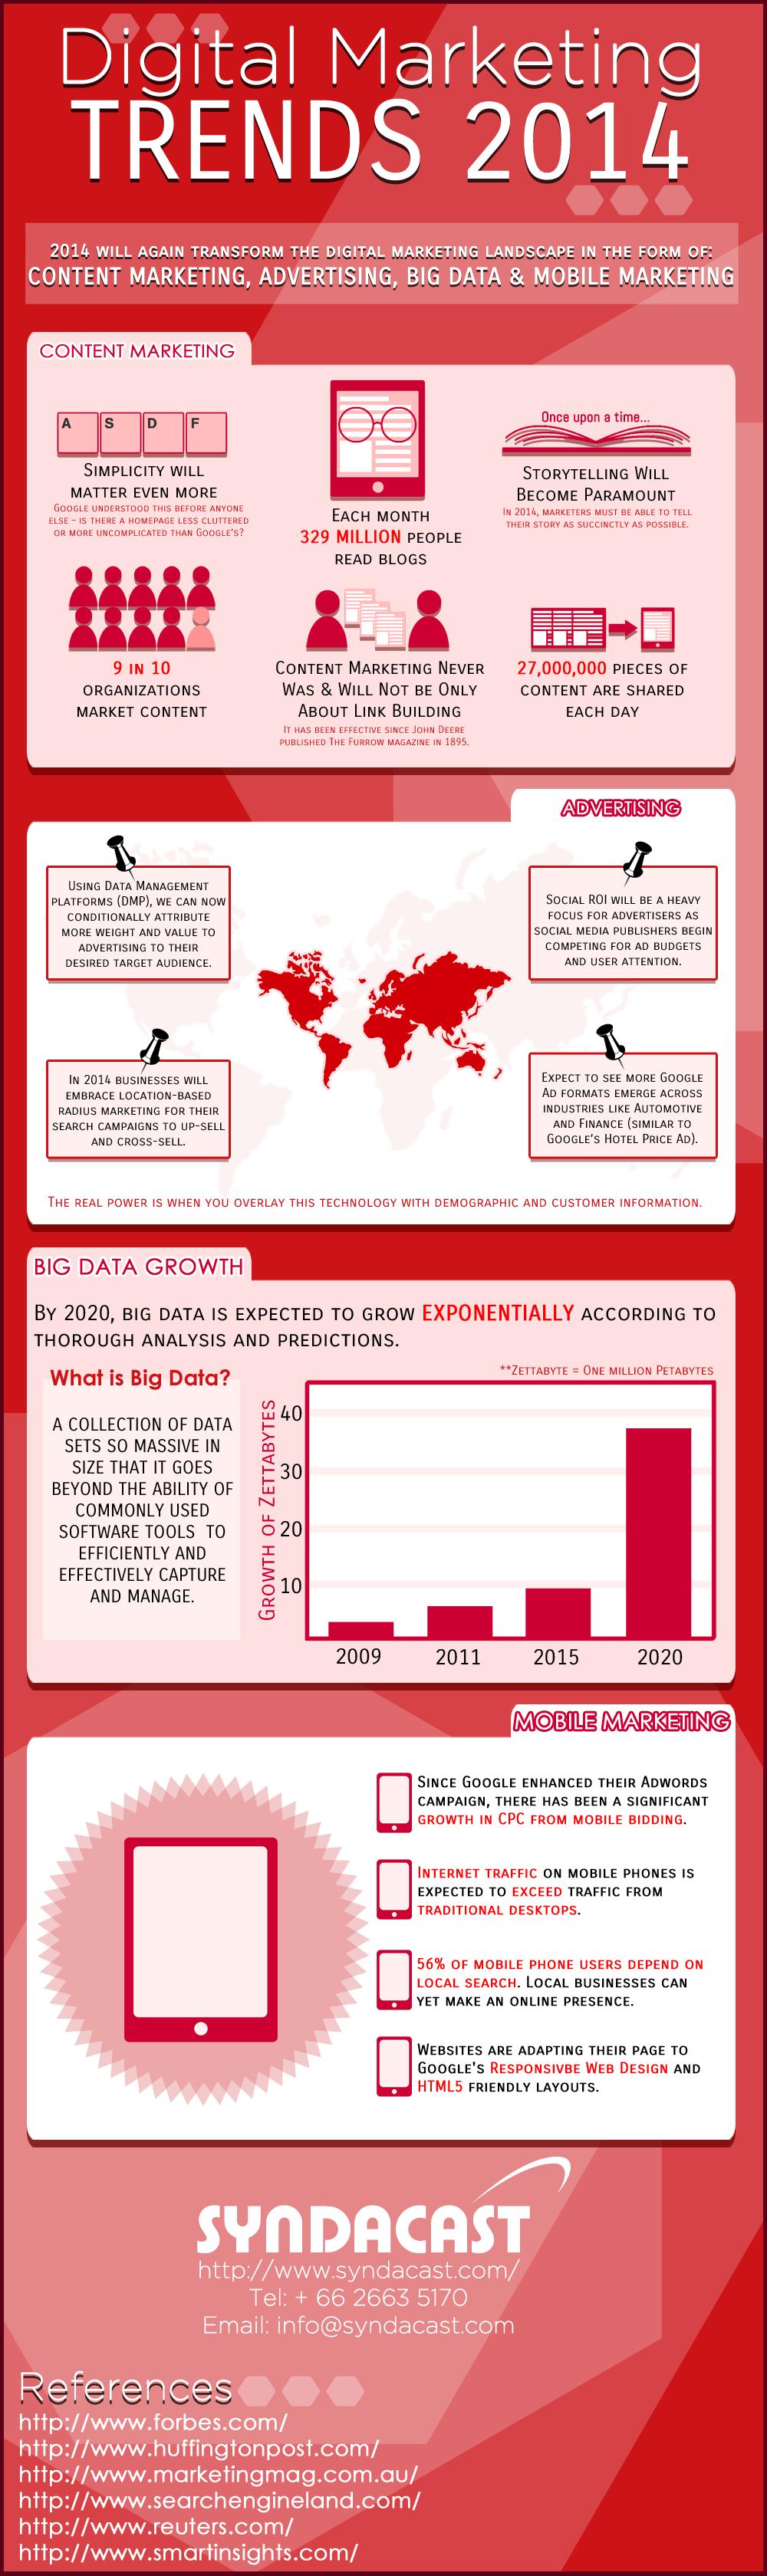 Digital-Marketing-Trends-2014